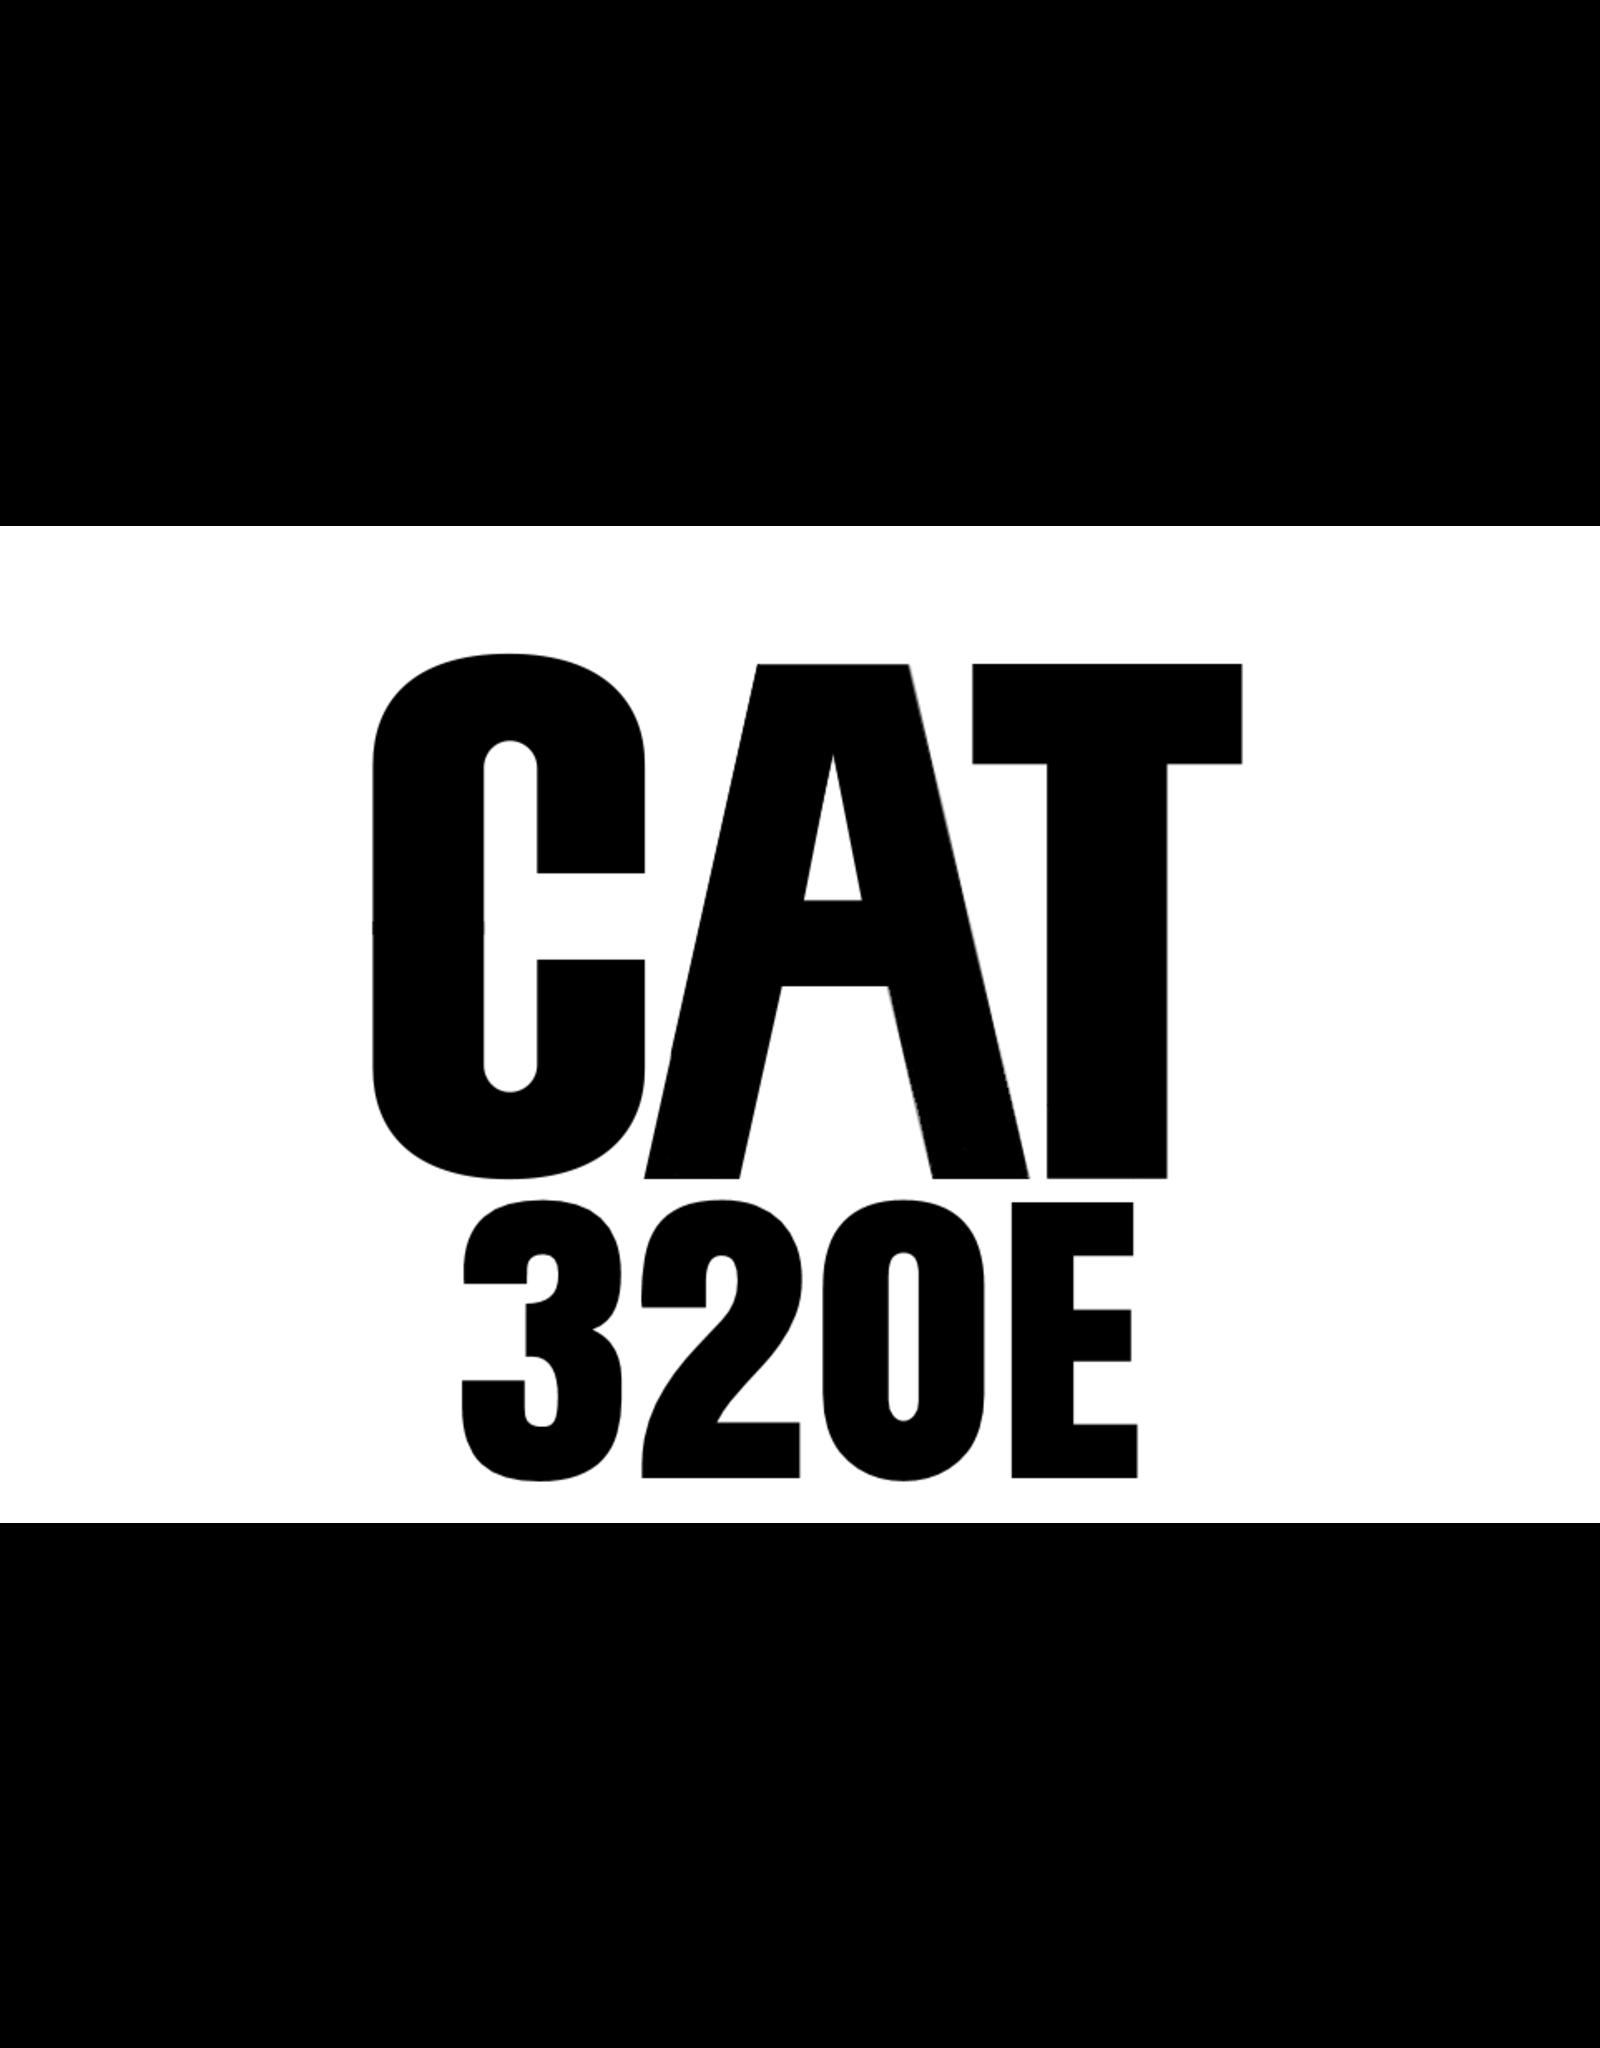 Echle Hartstahl GmbH FOPS pour CAT 320E